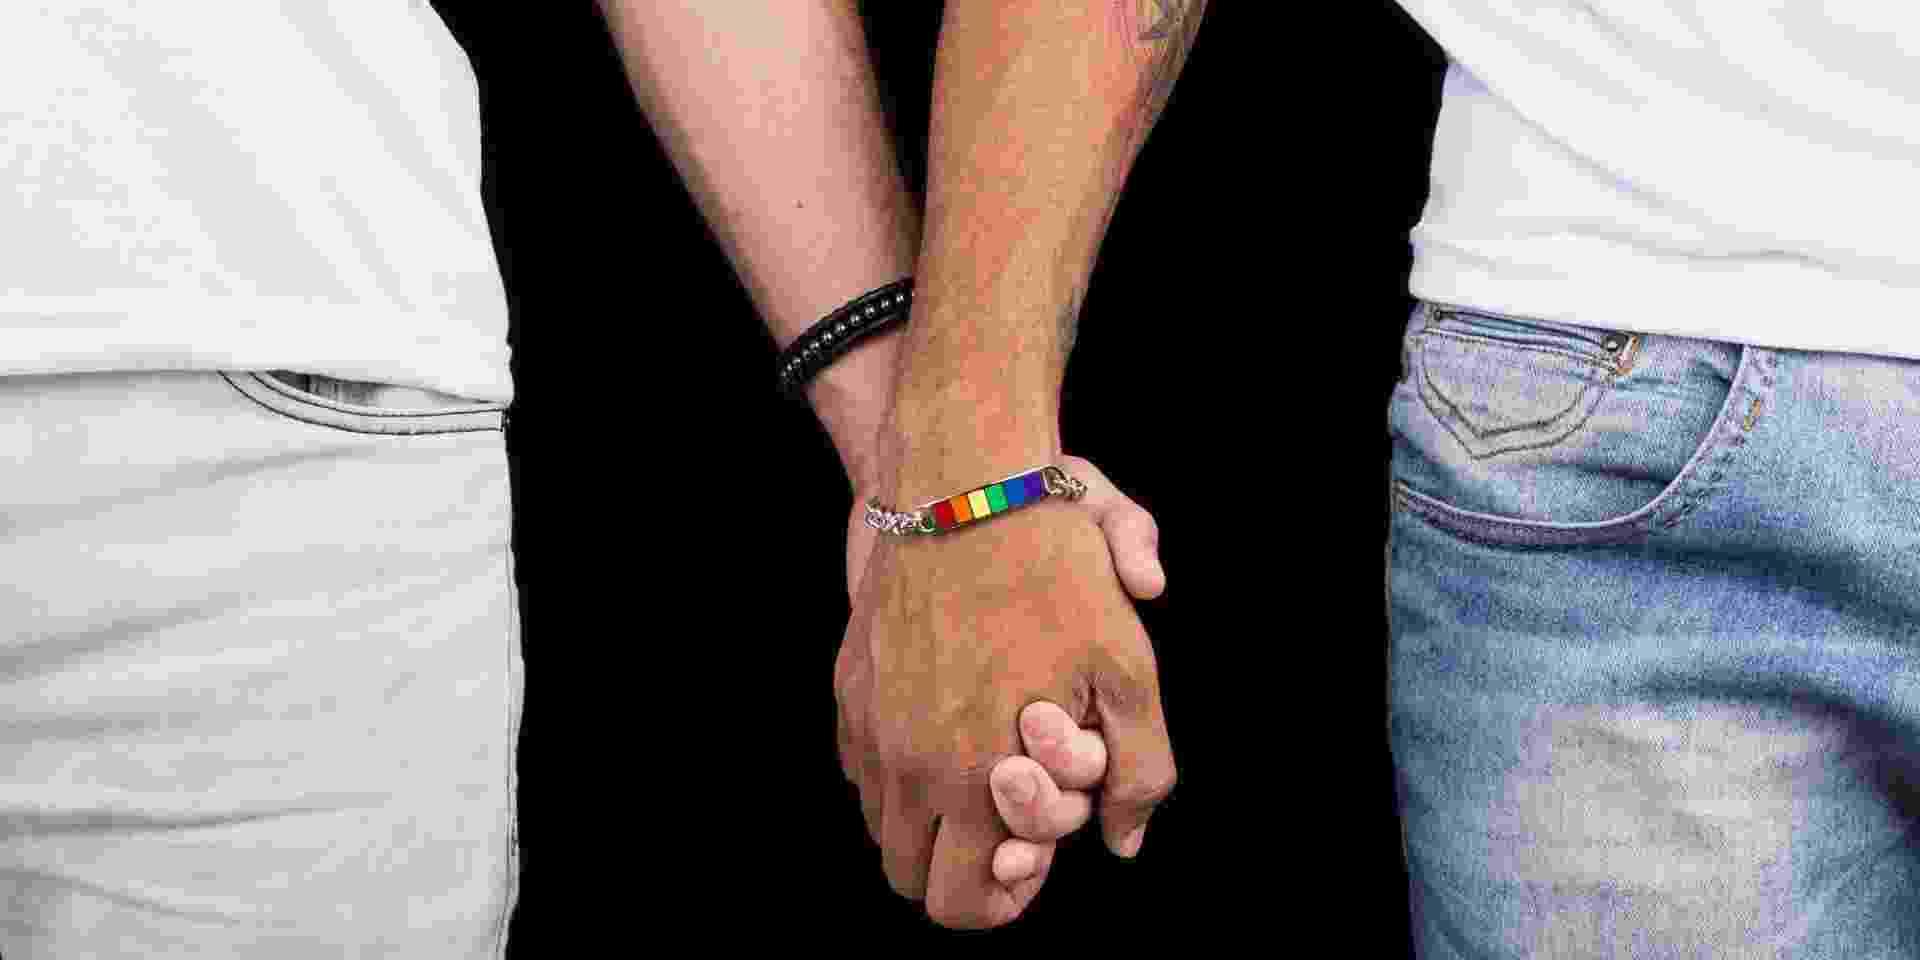 Pulseira do site Logay, que comercializa roupas, acessórios e objetos de decoração que remetem à causa gay - Divulgação